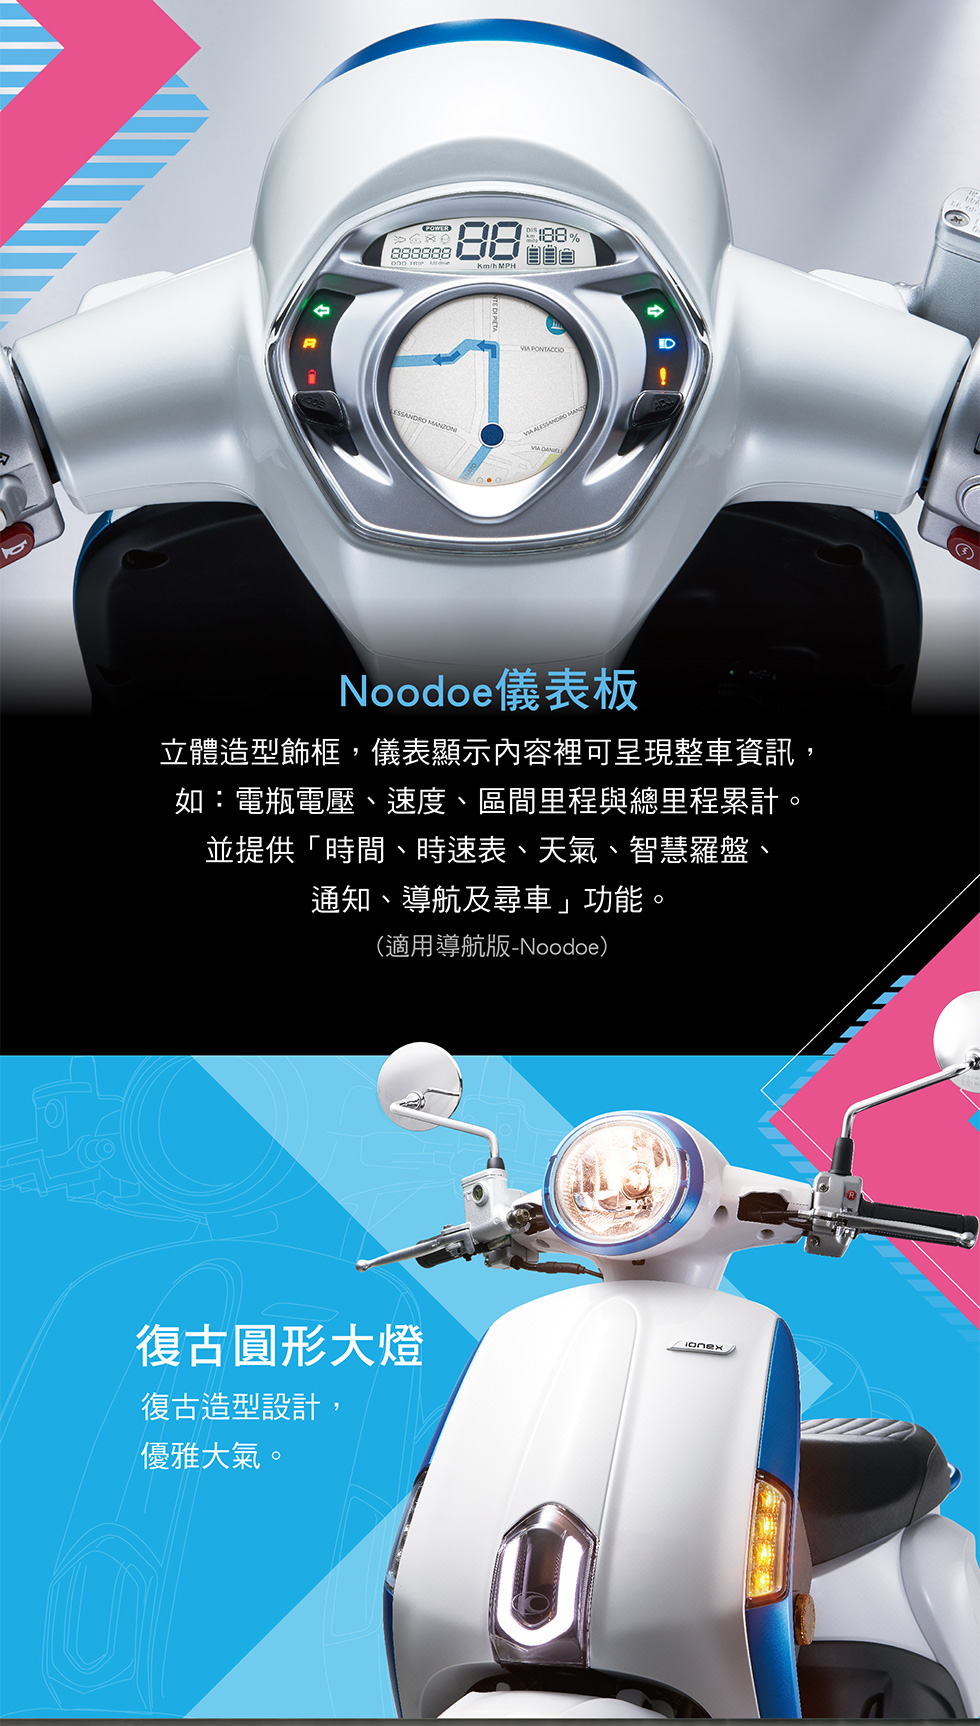 new many 110 noodoe 旗艦 版